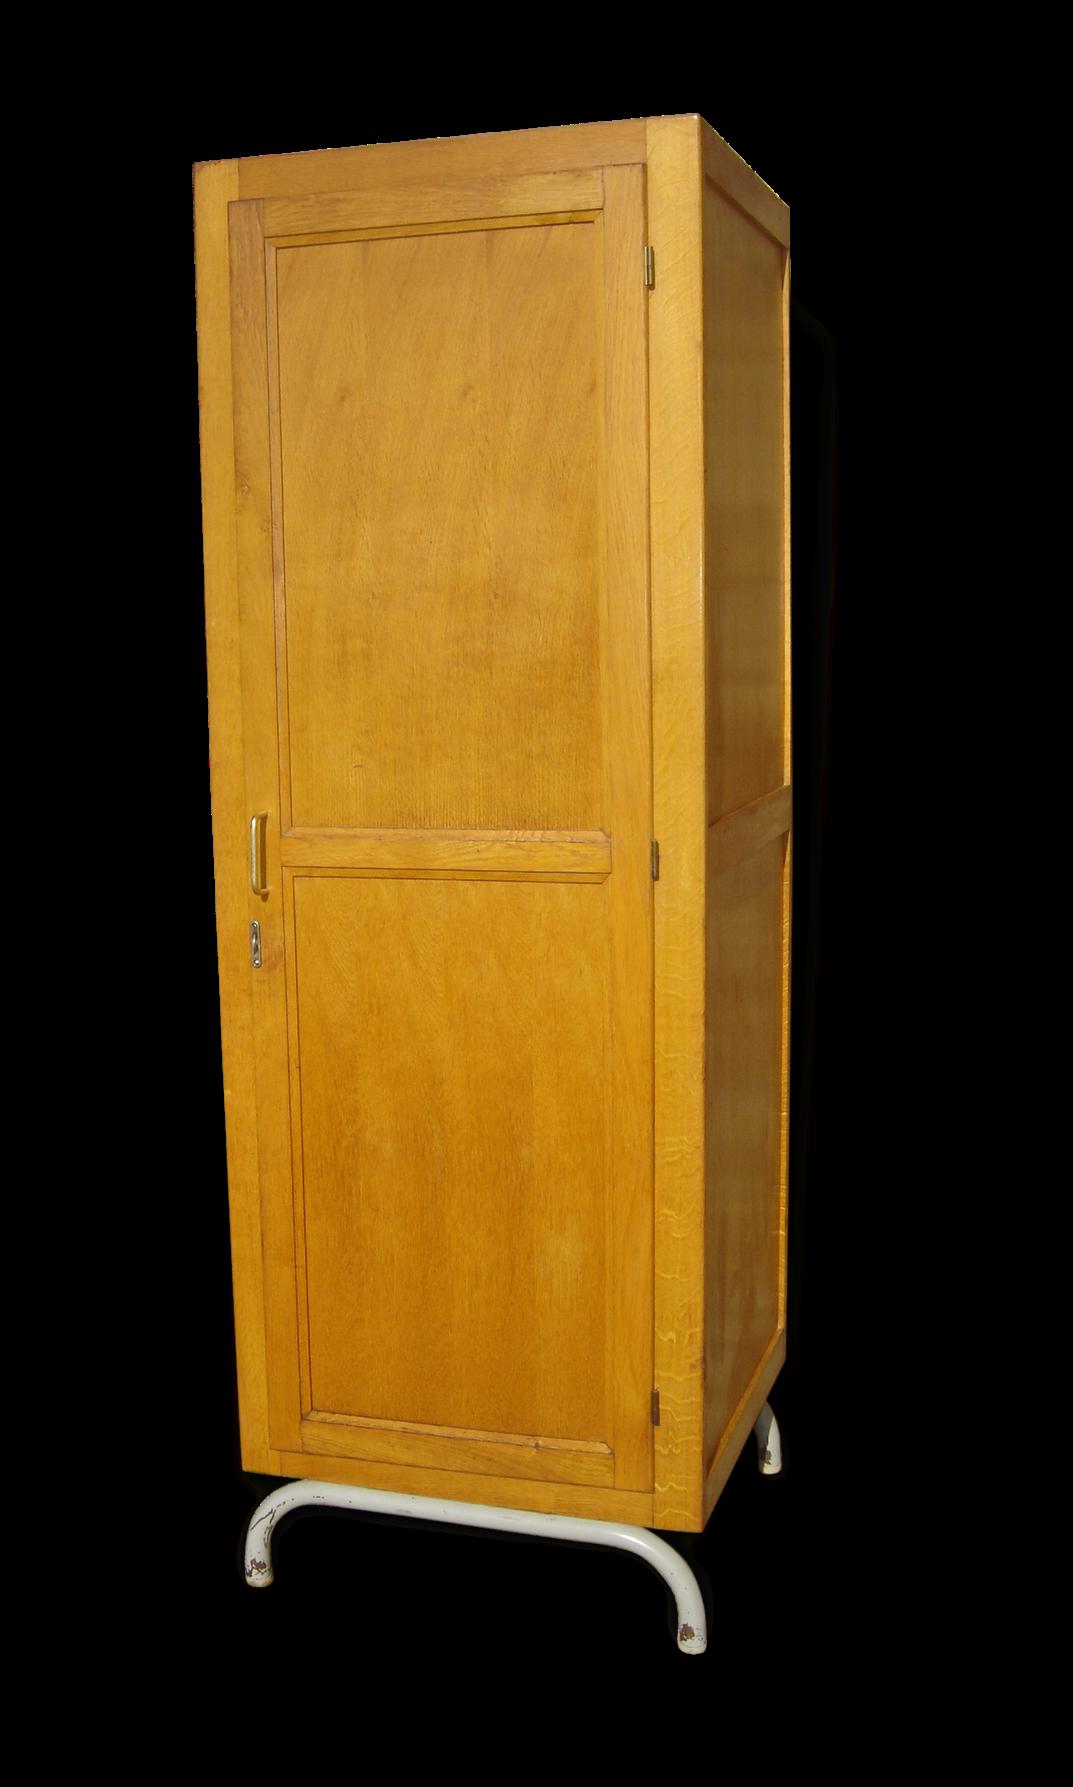 armoire vestiaire bois armoire de chambre camden armoire vestiaire style industriel en mtal. Black Bedroom Furniture Sets. Home Design Ideas